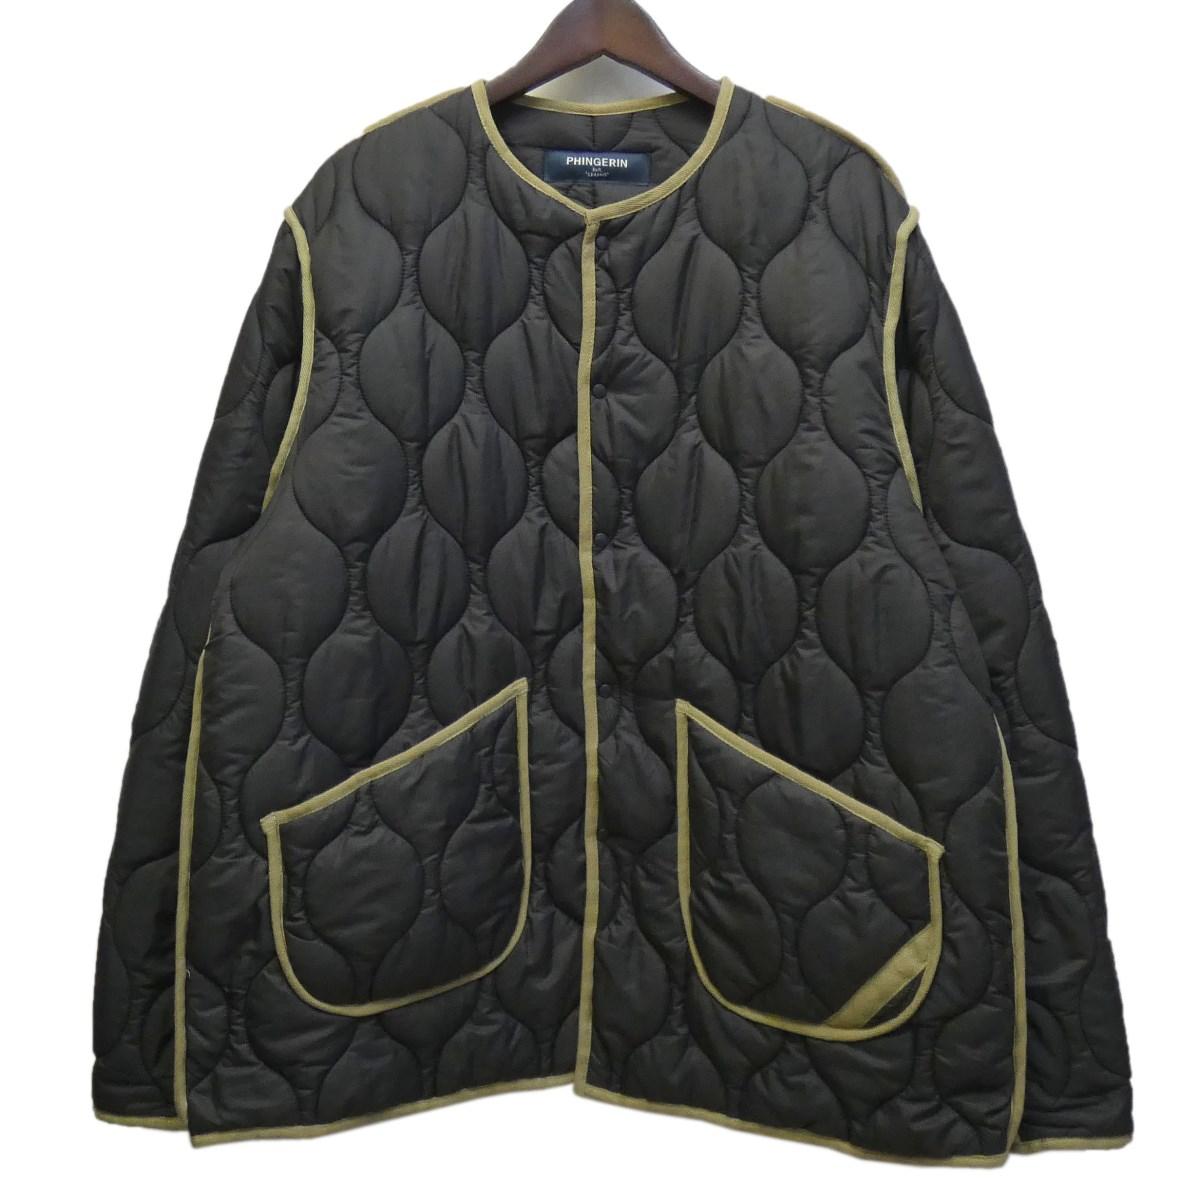 【中古】phingerin ×BEAUTY YOUTH キルティングジャケット グレー サイズ:L 【090420】(フィンガリン)